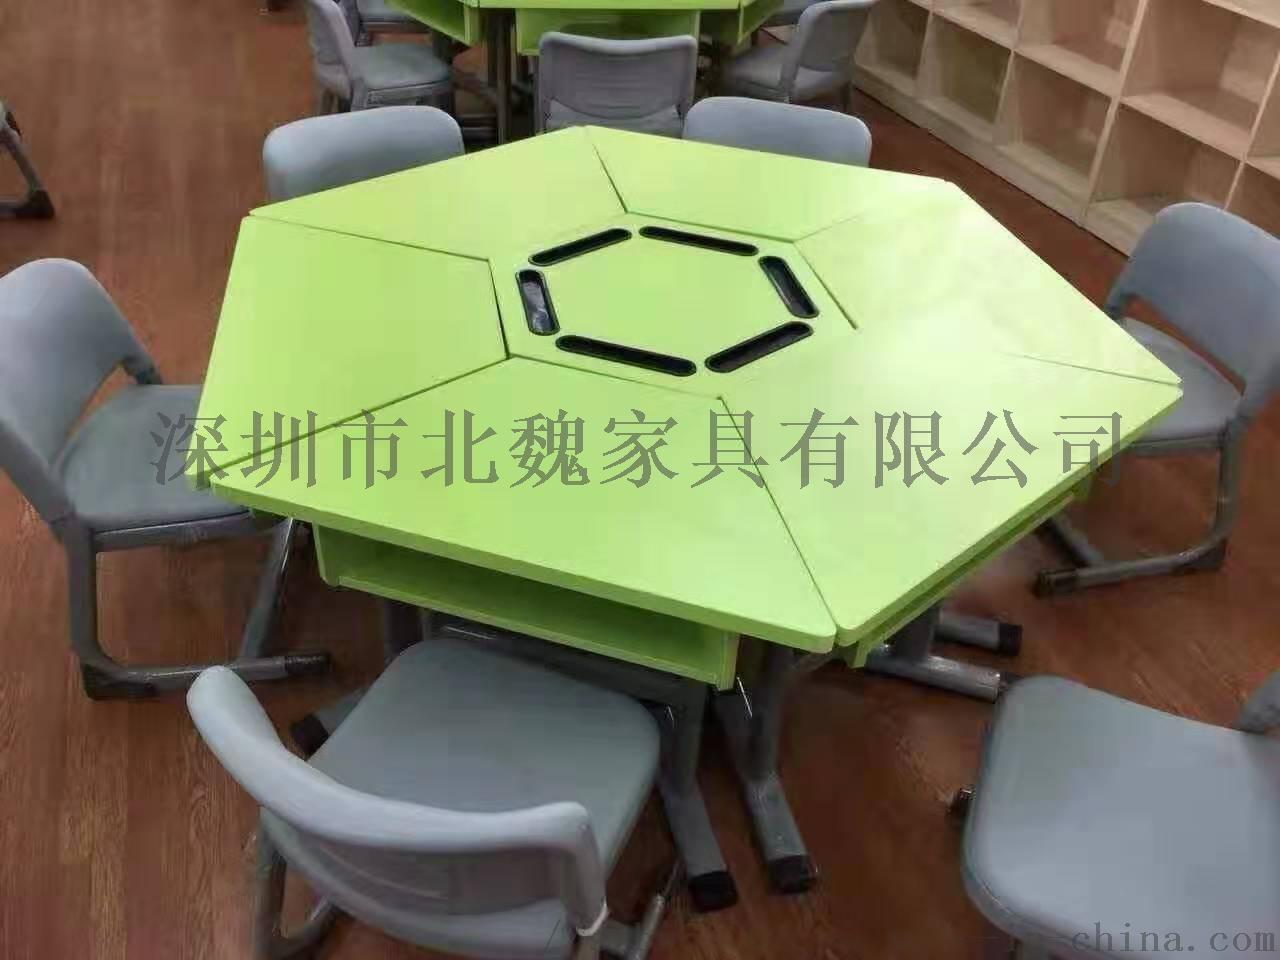 高中課桌椅*鋼木課桌椅廠家*學生實木單人課桌椅96210815